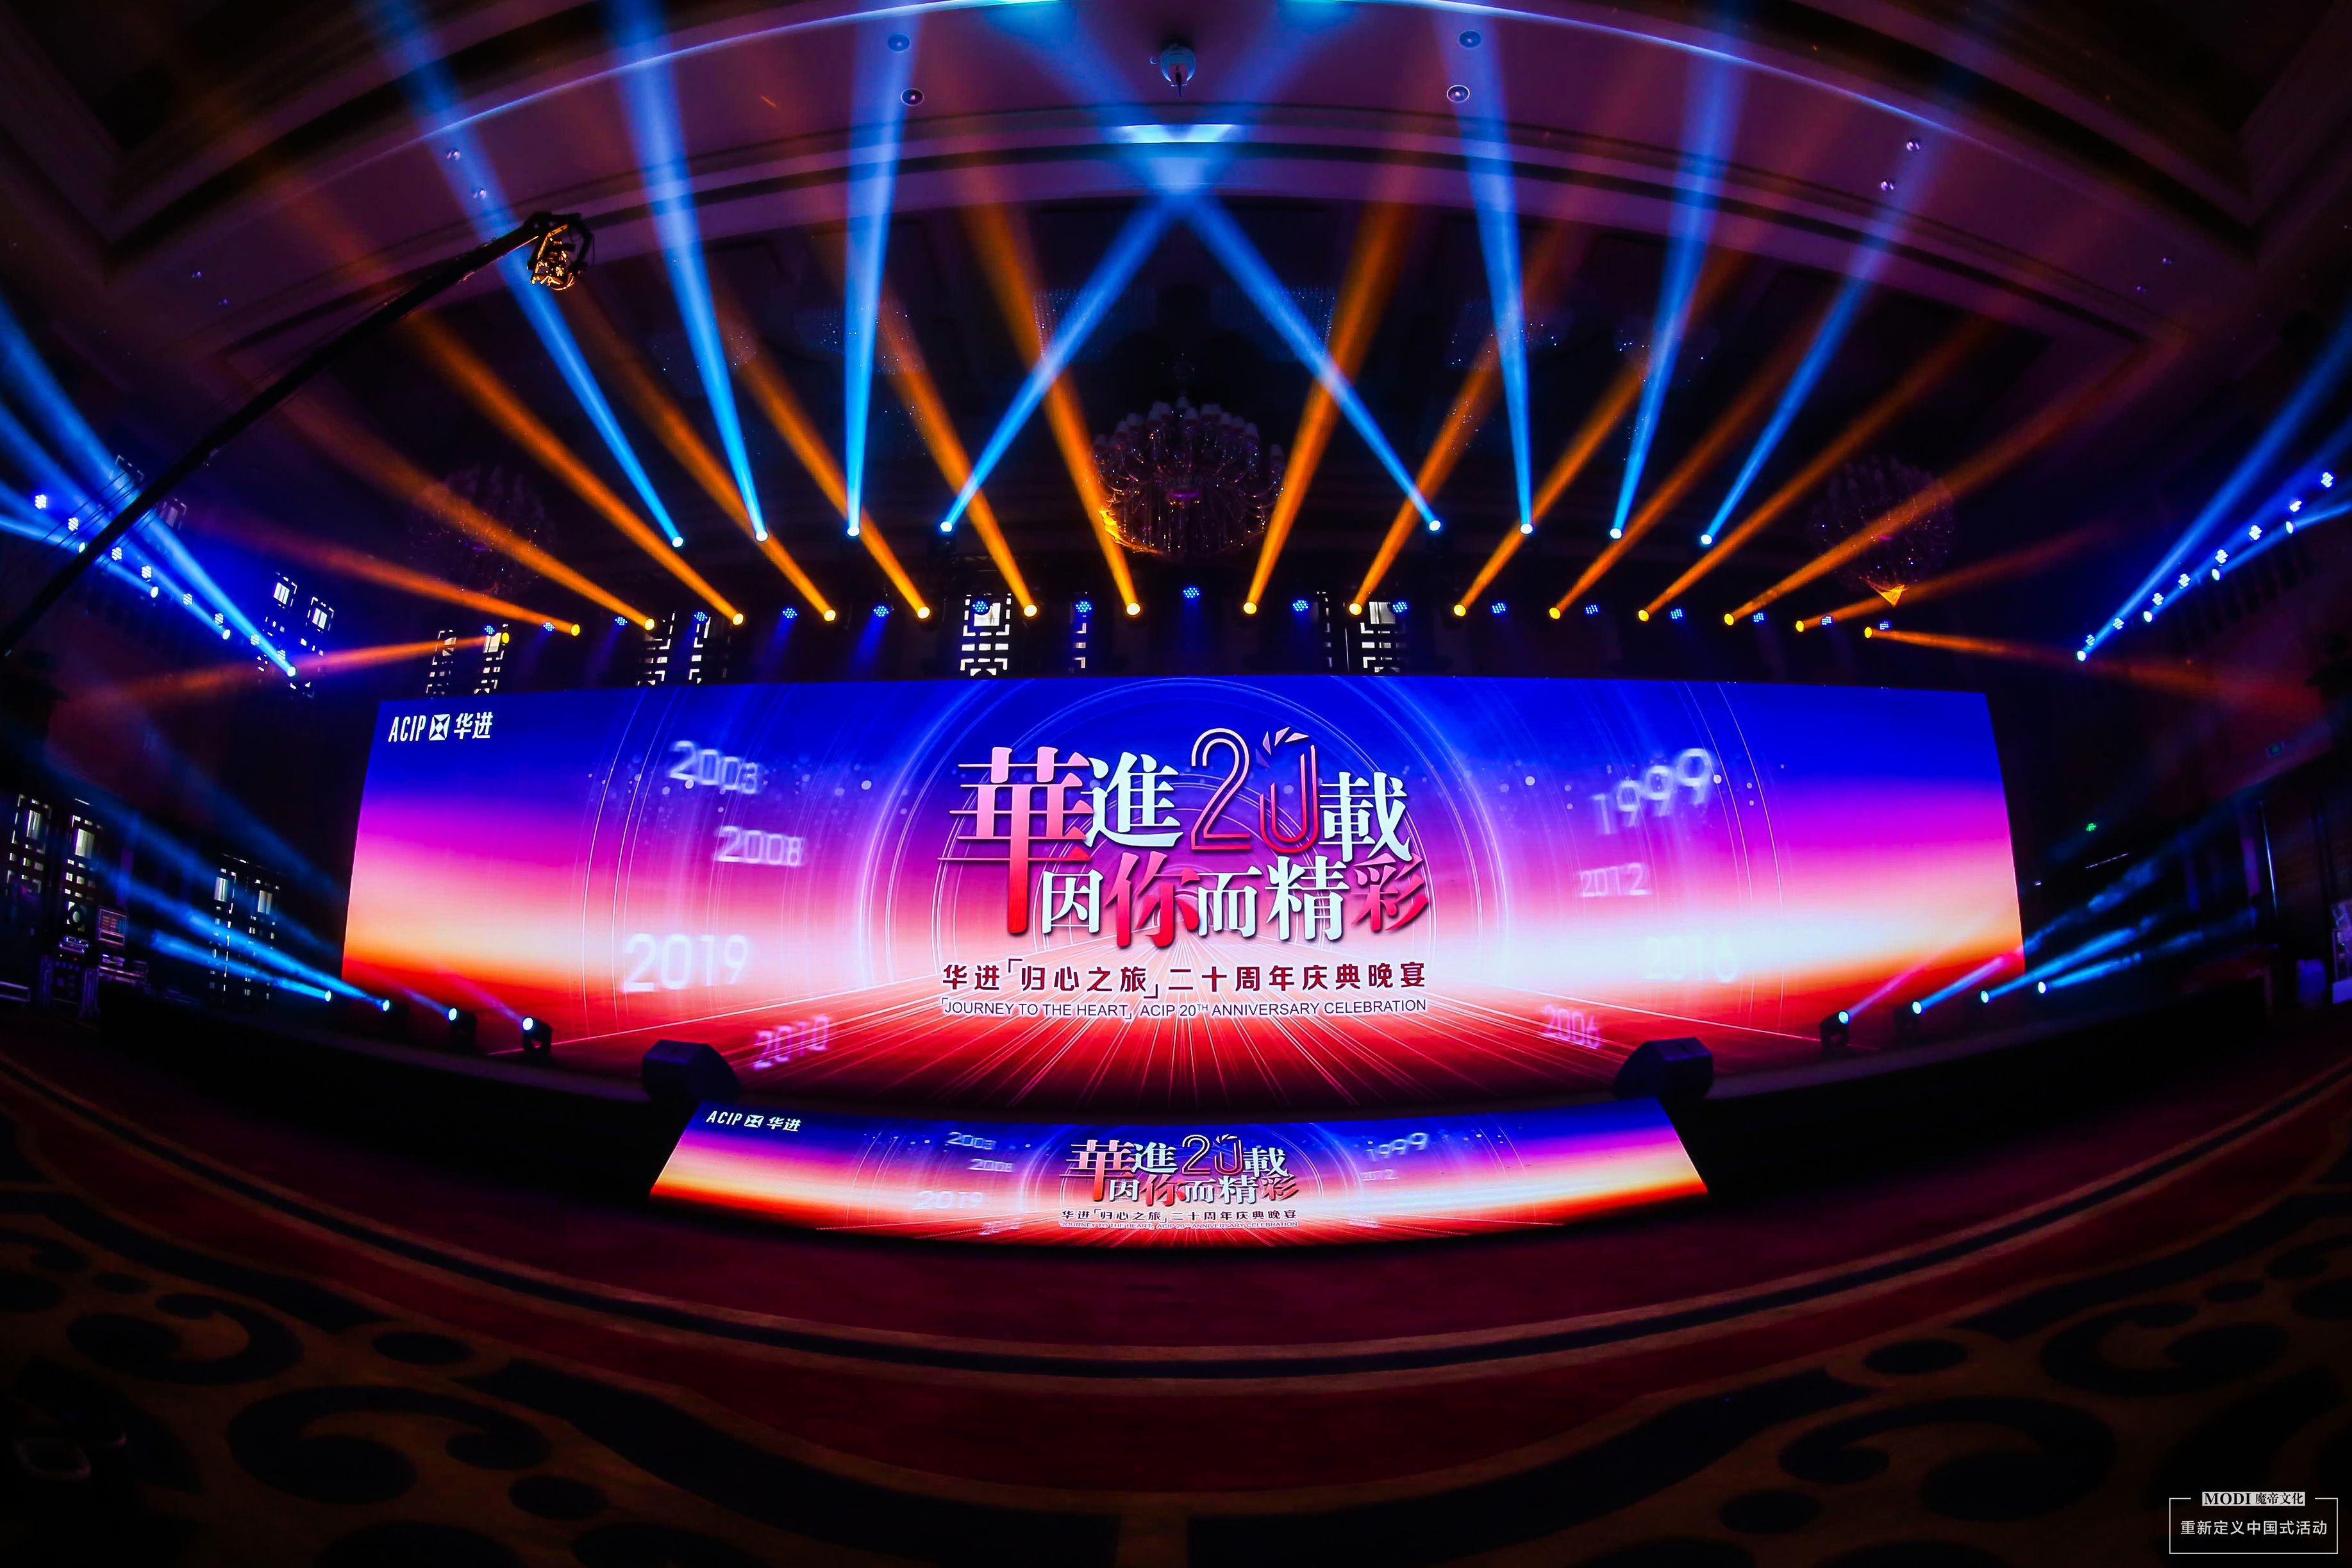 上海活动策划公司,活动策划公司,上海庆典活动,上海会议活动